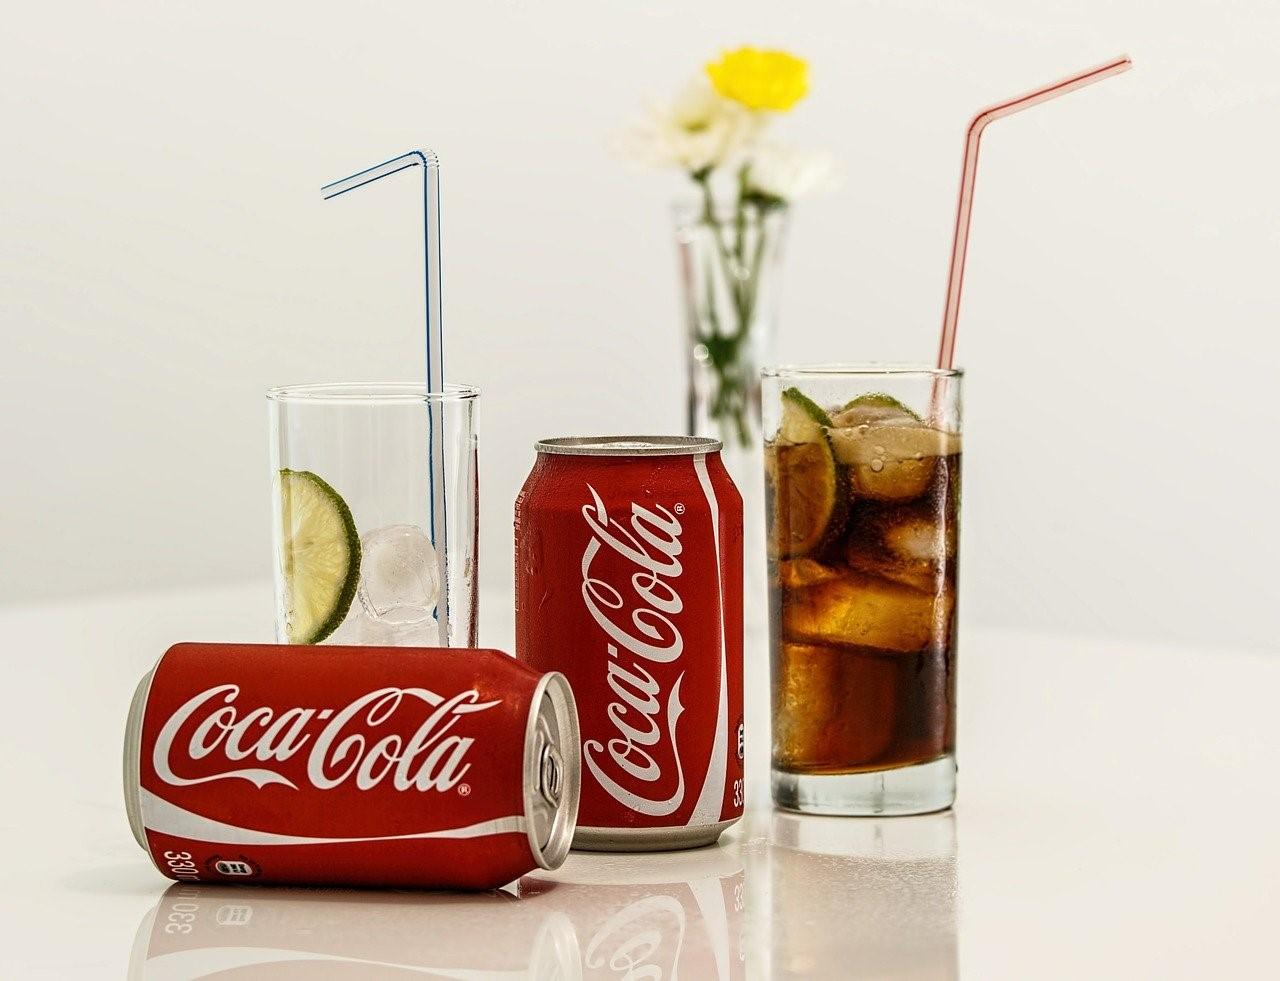 Coca-Cola straciła ponad 4 miliardy dolarów na giełdzie, po tym jak Cristiano Ronaldo polecił ludziom picie wody